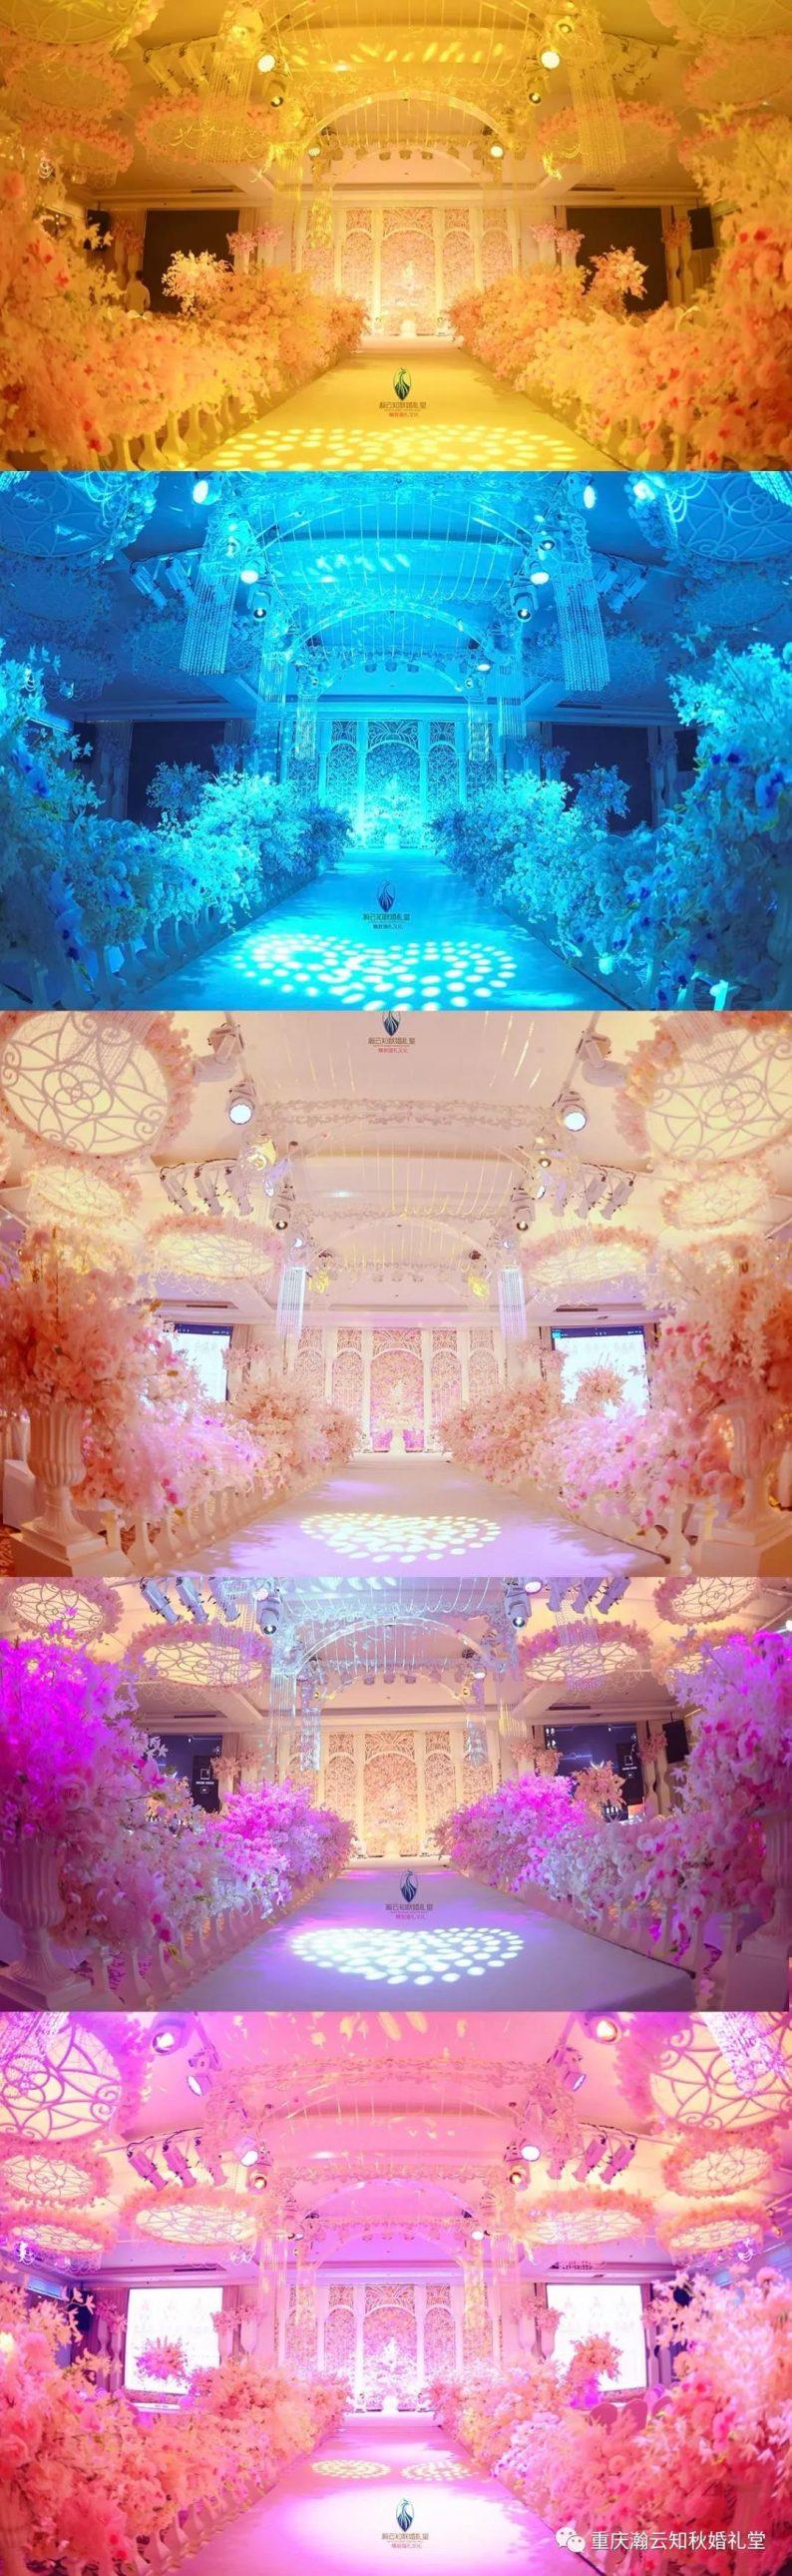 婚礼堂发布:网红城市打卡点!镶嵌在解放碑上的珍珠  第6张